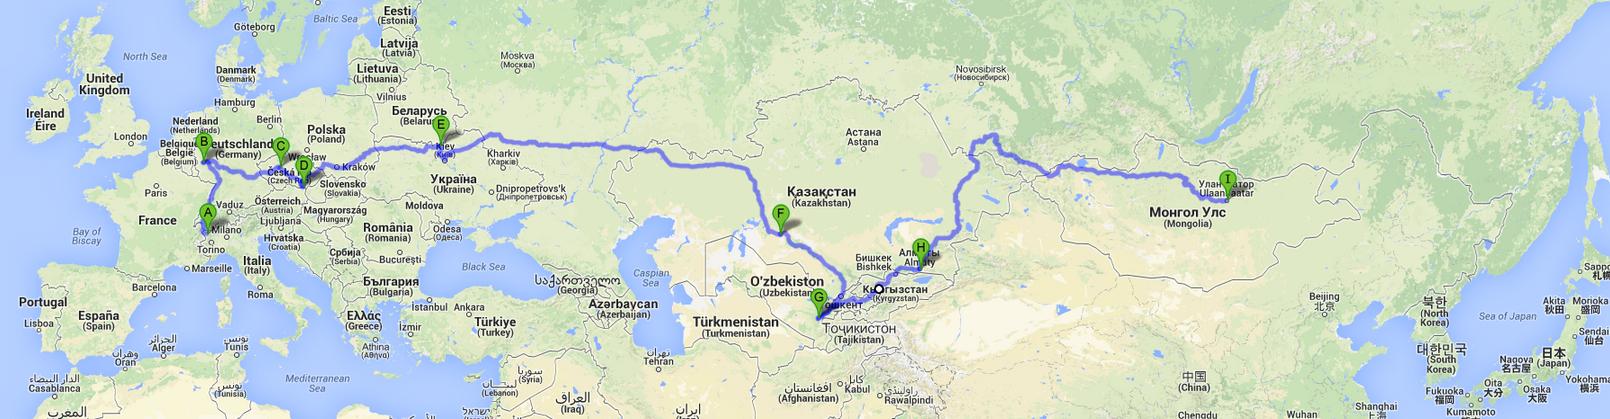 Mappa provvisoria